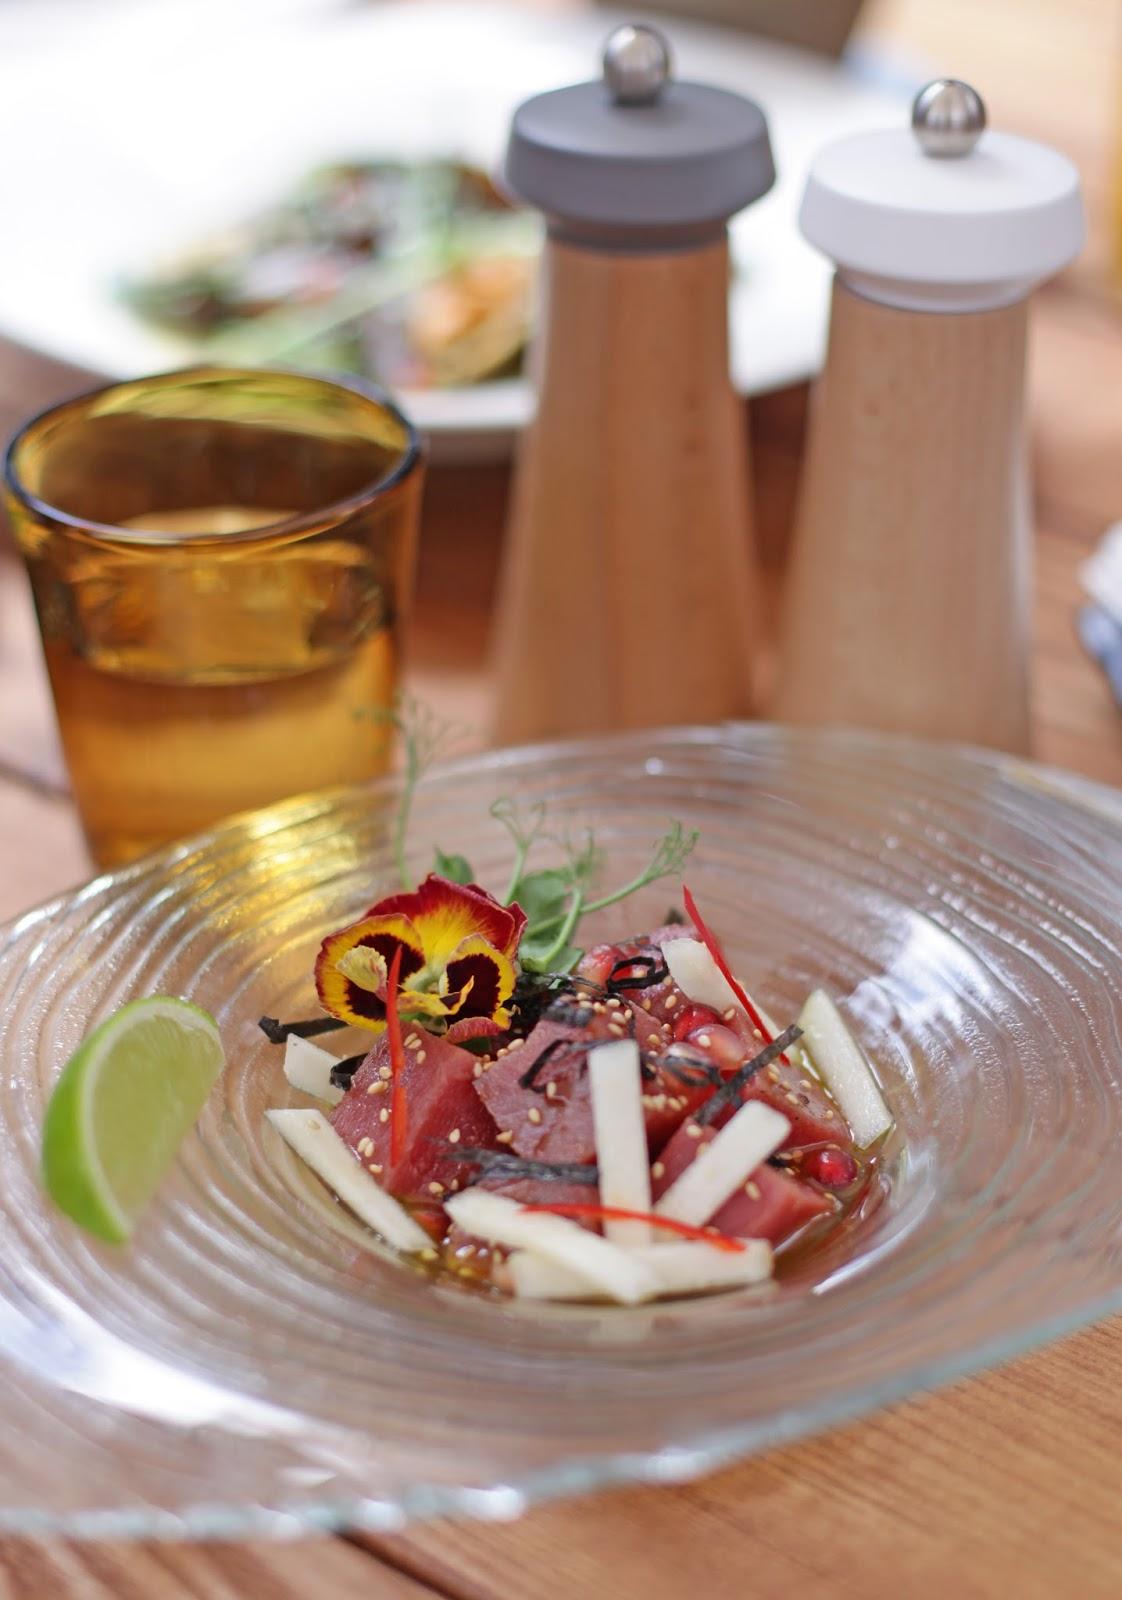 ресторан Fabius, итальянский ресторан, загородный комплекс, севиче из тунца